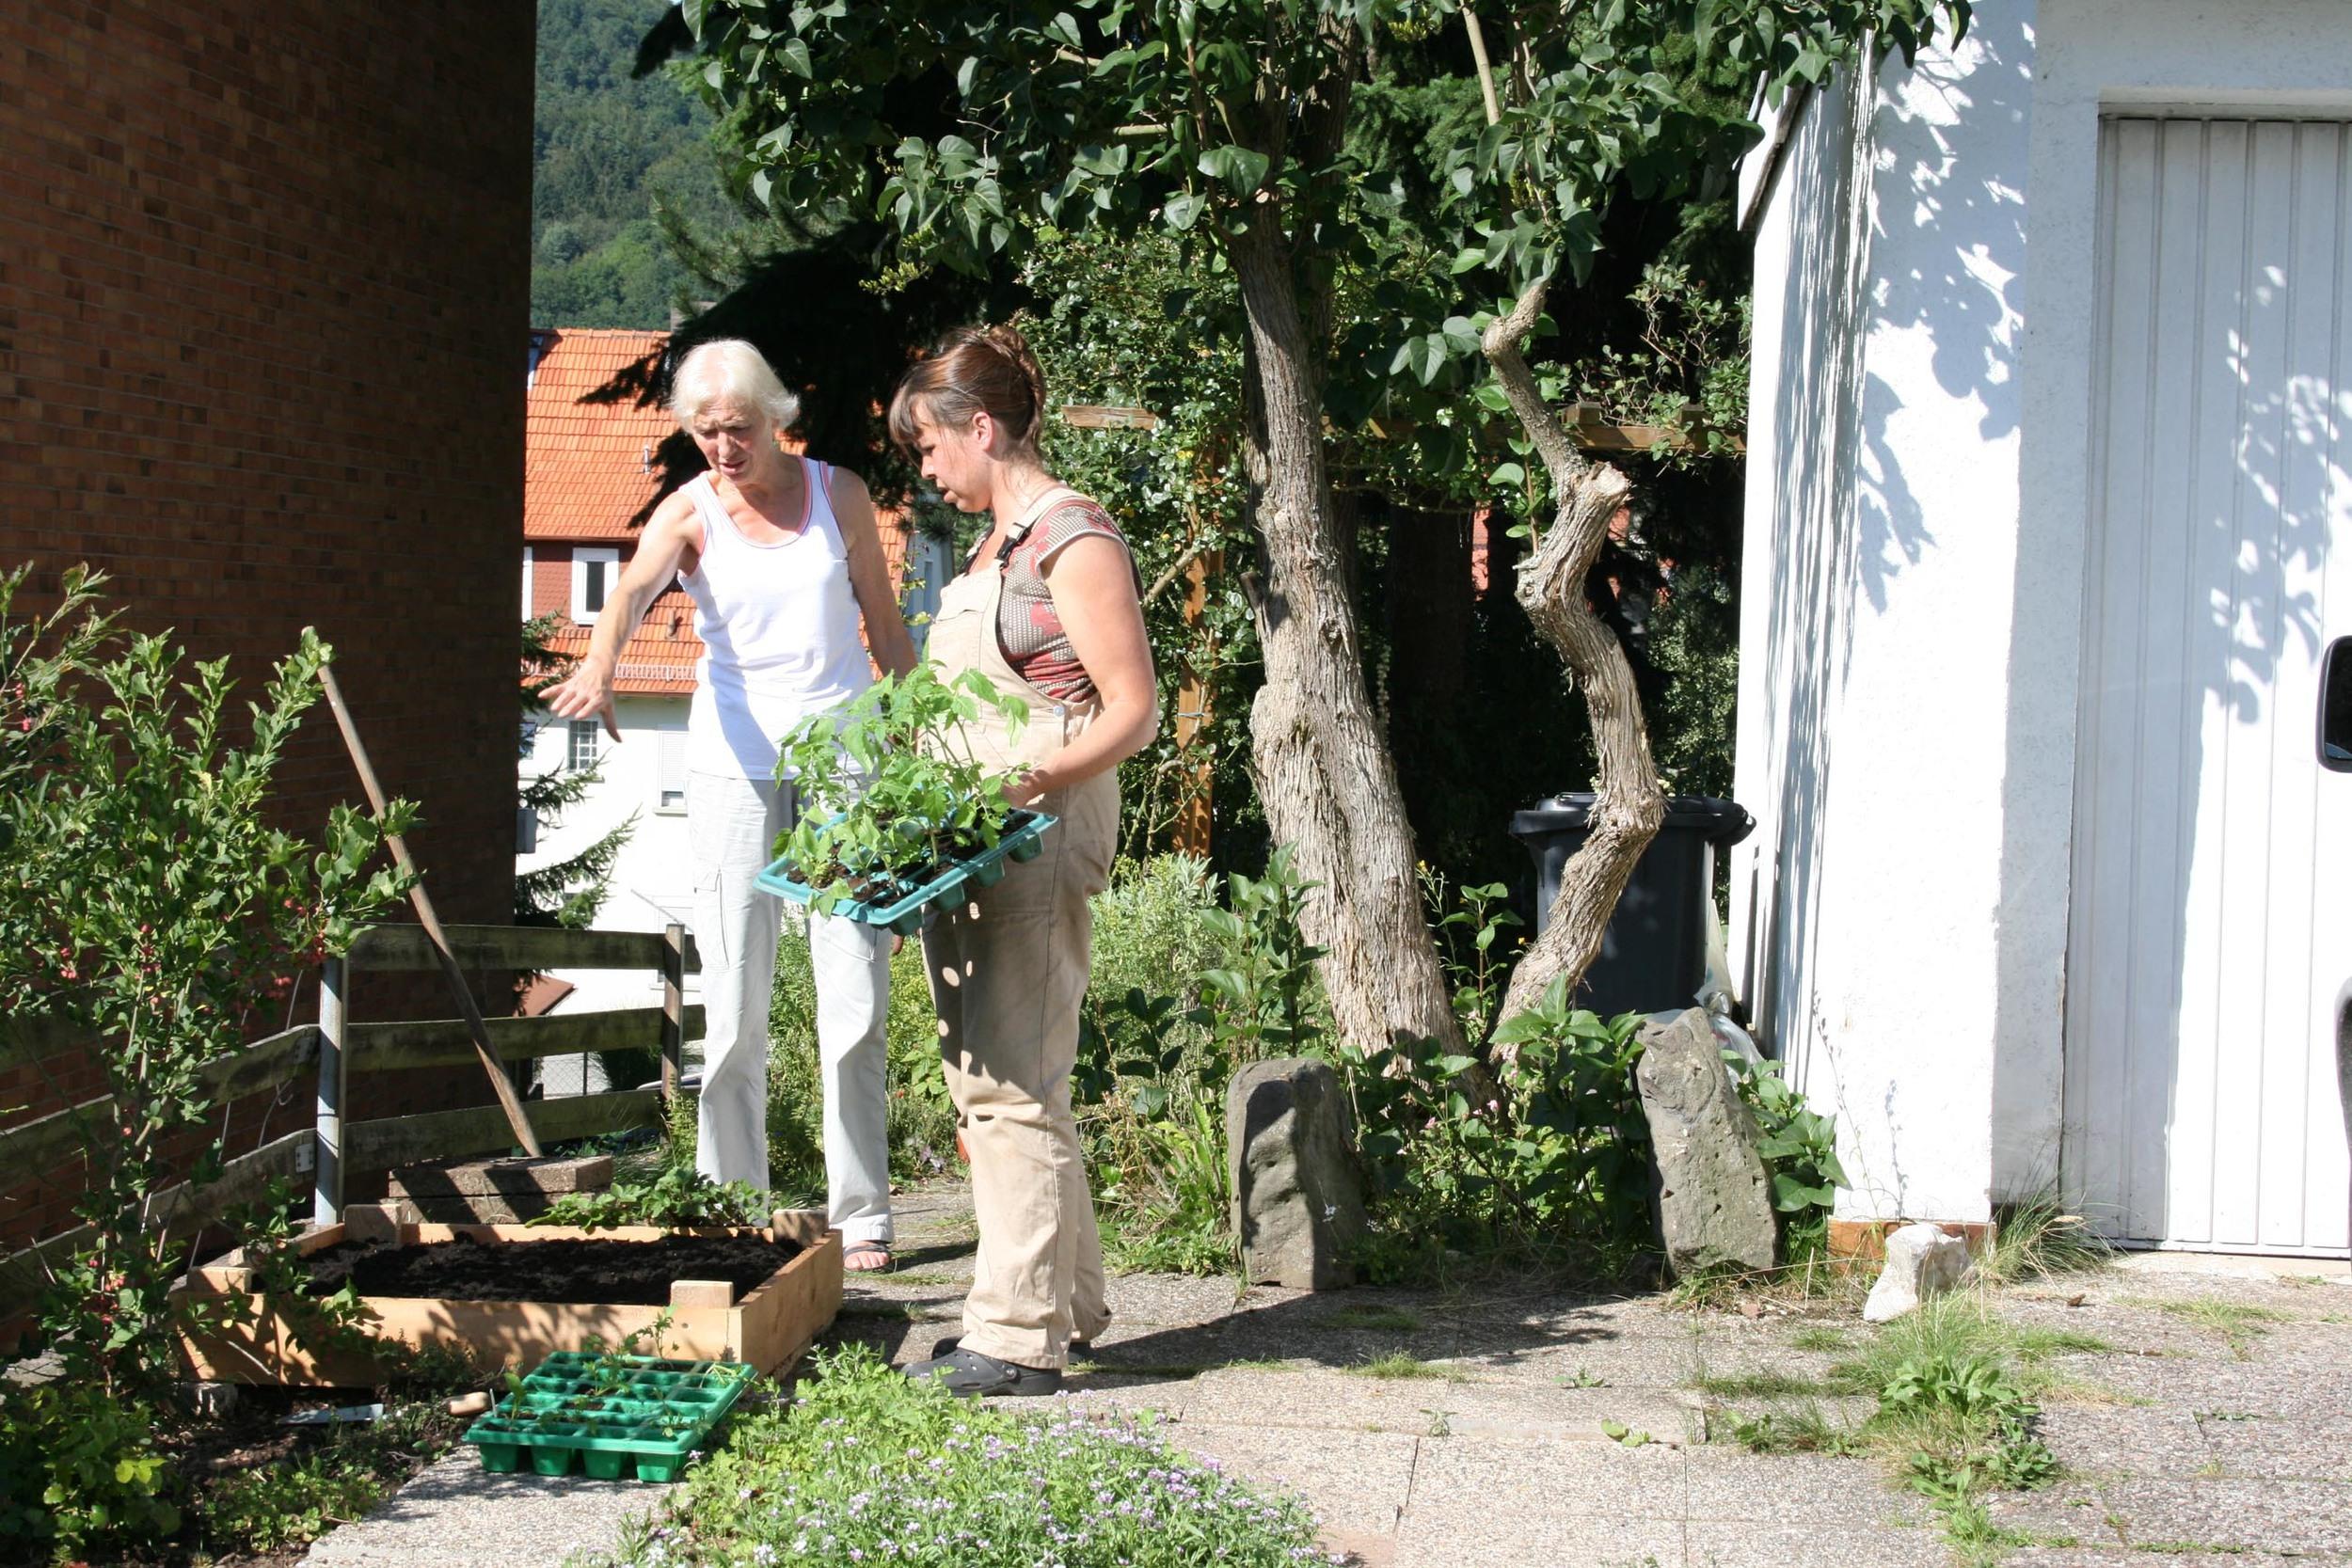 Rita Wetzel(Pfleger),  Uhlandstrasse 12,  3619 Rotenburg a.d.f.,.      Rita Wessler is een oudere dame. Ze schildert. Ze heeft een verwilderde tuin in Rotenborg. In de tuin staan veel kruiden: o.a. Salie en Munt. De mooiste plek voor het volkstuintje is bij de weg. Op de oprit van haar garage. Uiteindelijk wordt besloten het iets verder haar tuin in te plaatsen; jammer. Zo is het minder zichtbaar vanaf de weg, maar goed het busje van haar zoon moet ook op de oprit kunnen staan wanneer hij op bezoek komt....